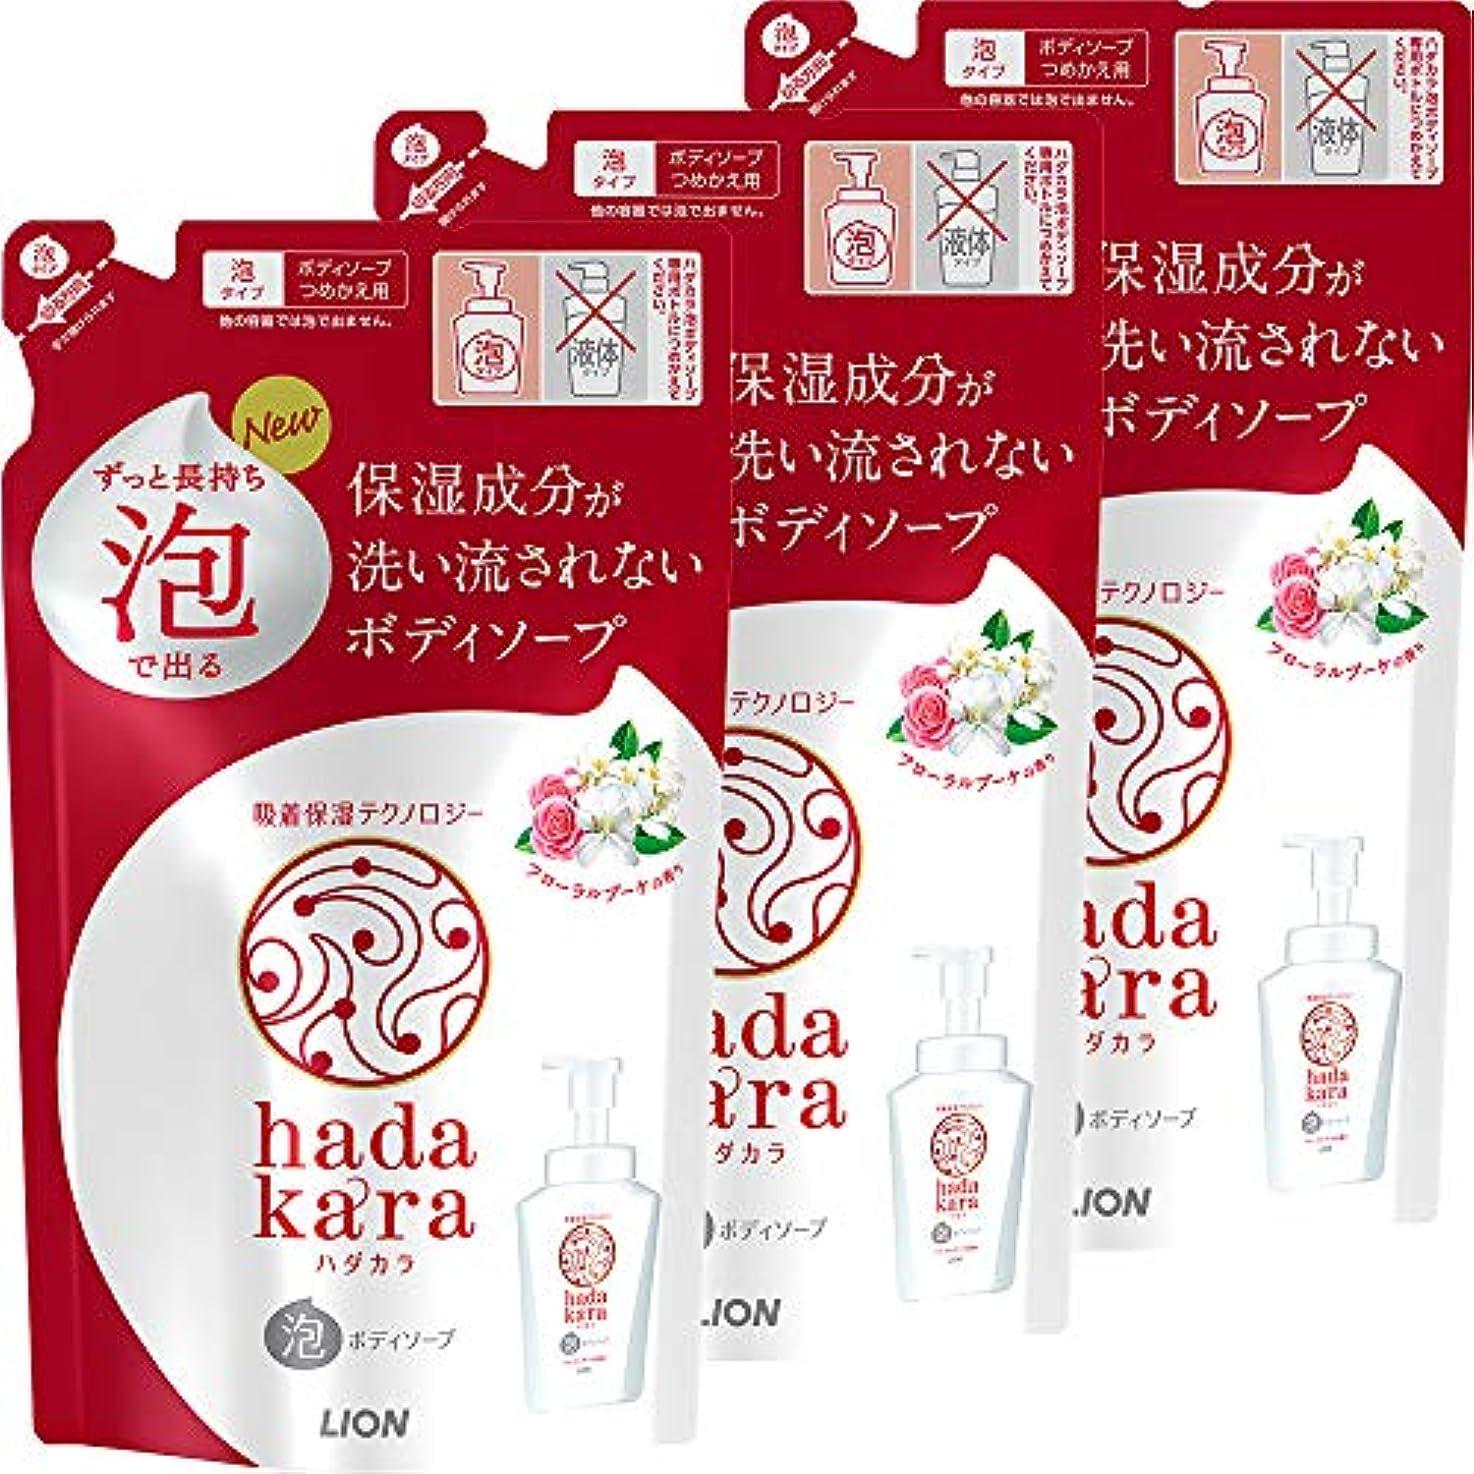 に慣れ株式わざわざhadakara(ハダカラ) ボディソープ 泡タイプ フローラルブーケの香り 詰替440ml×3個